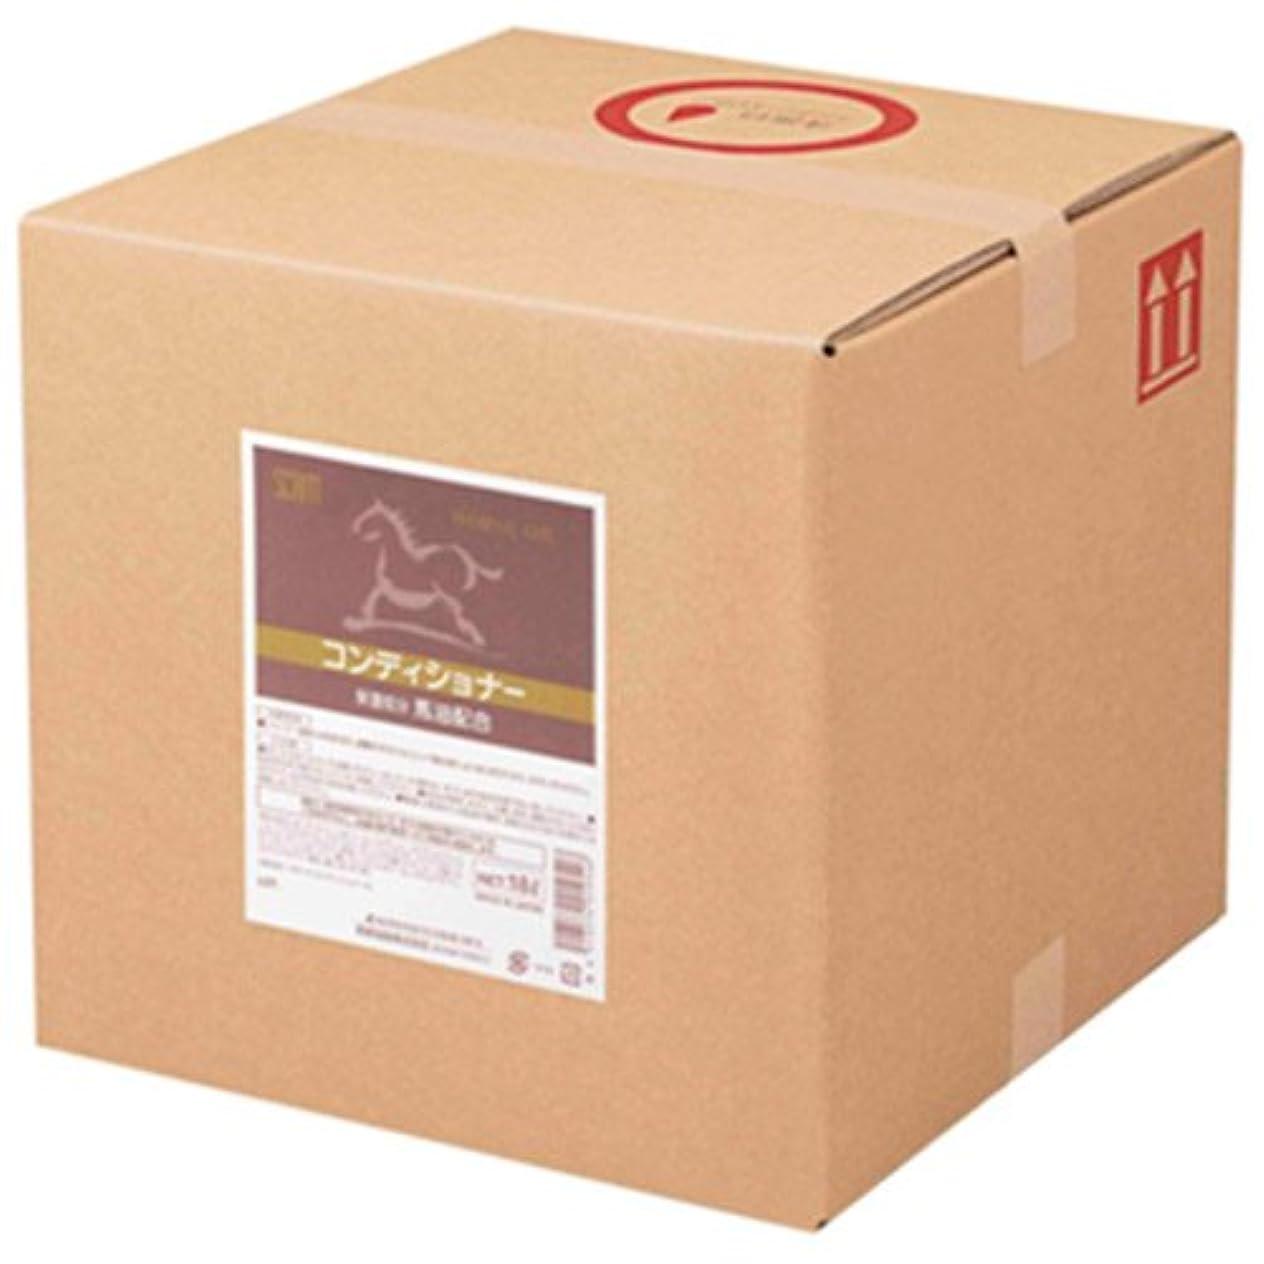 予防接種できない寮熊野油脂 業務用 SCRITT(スクリット) 馬油コンディショナー 18L